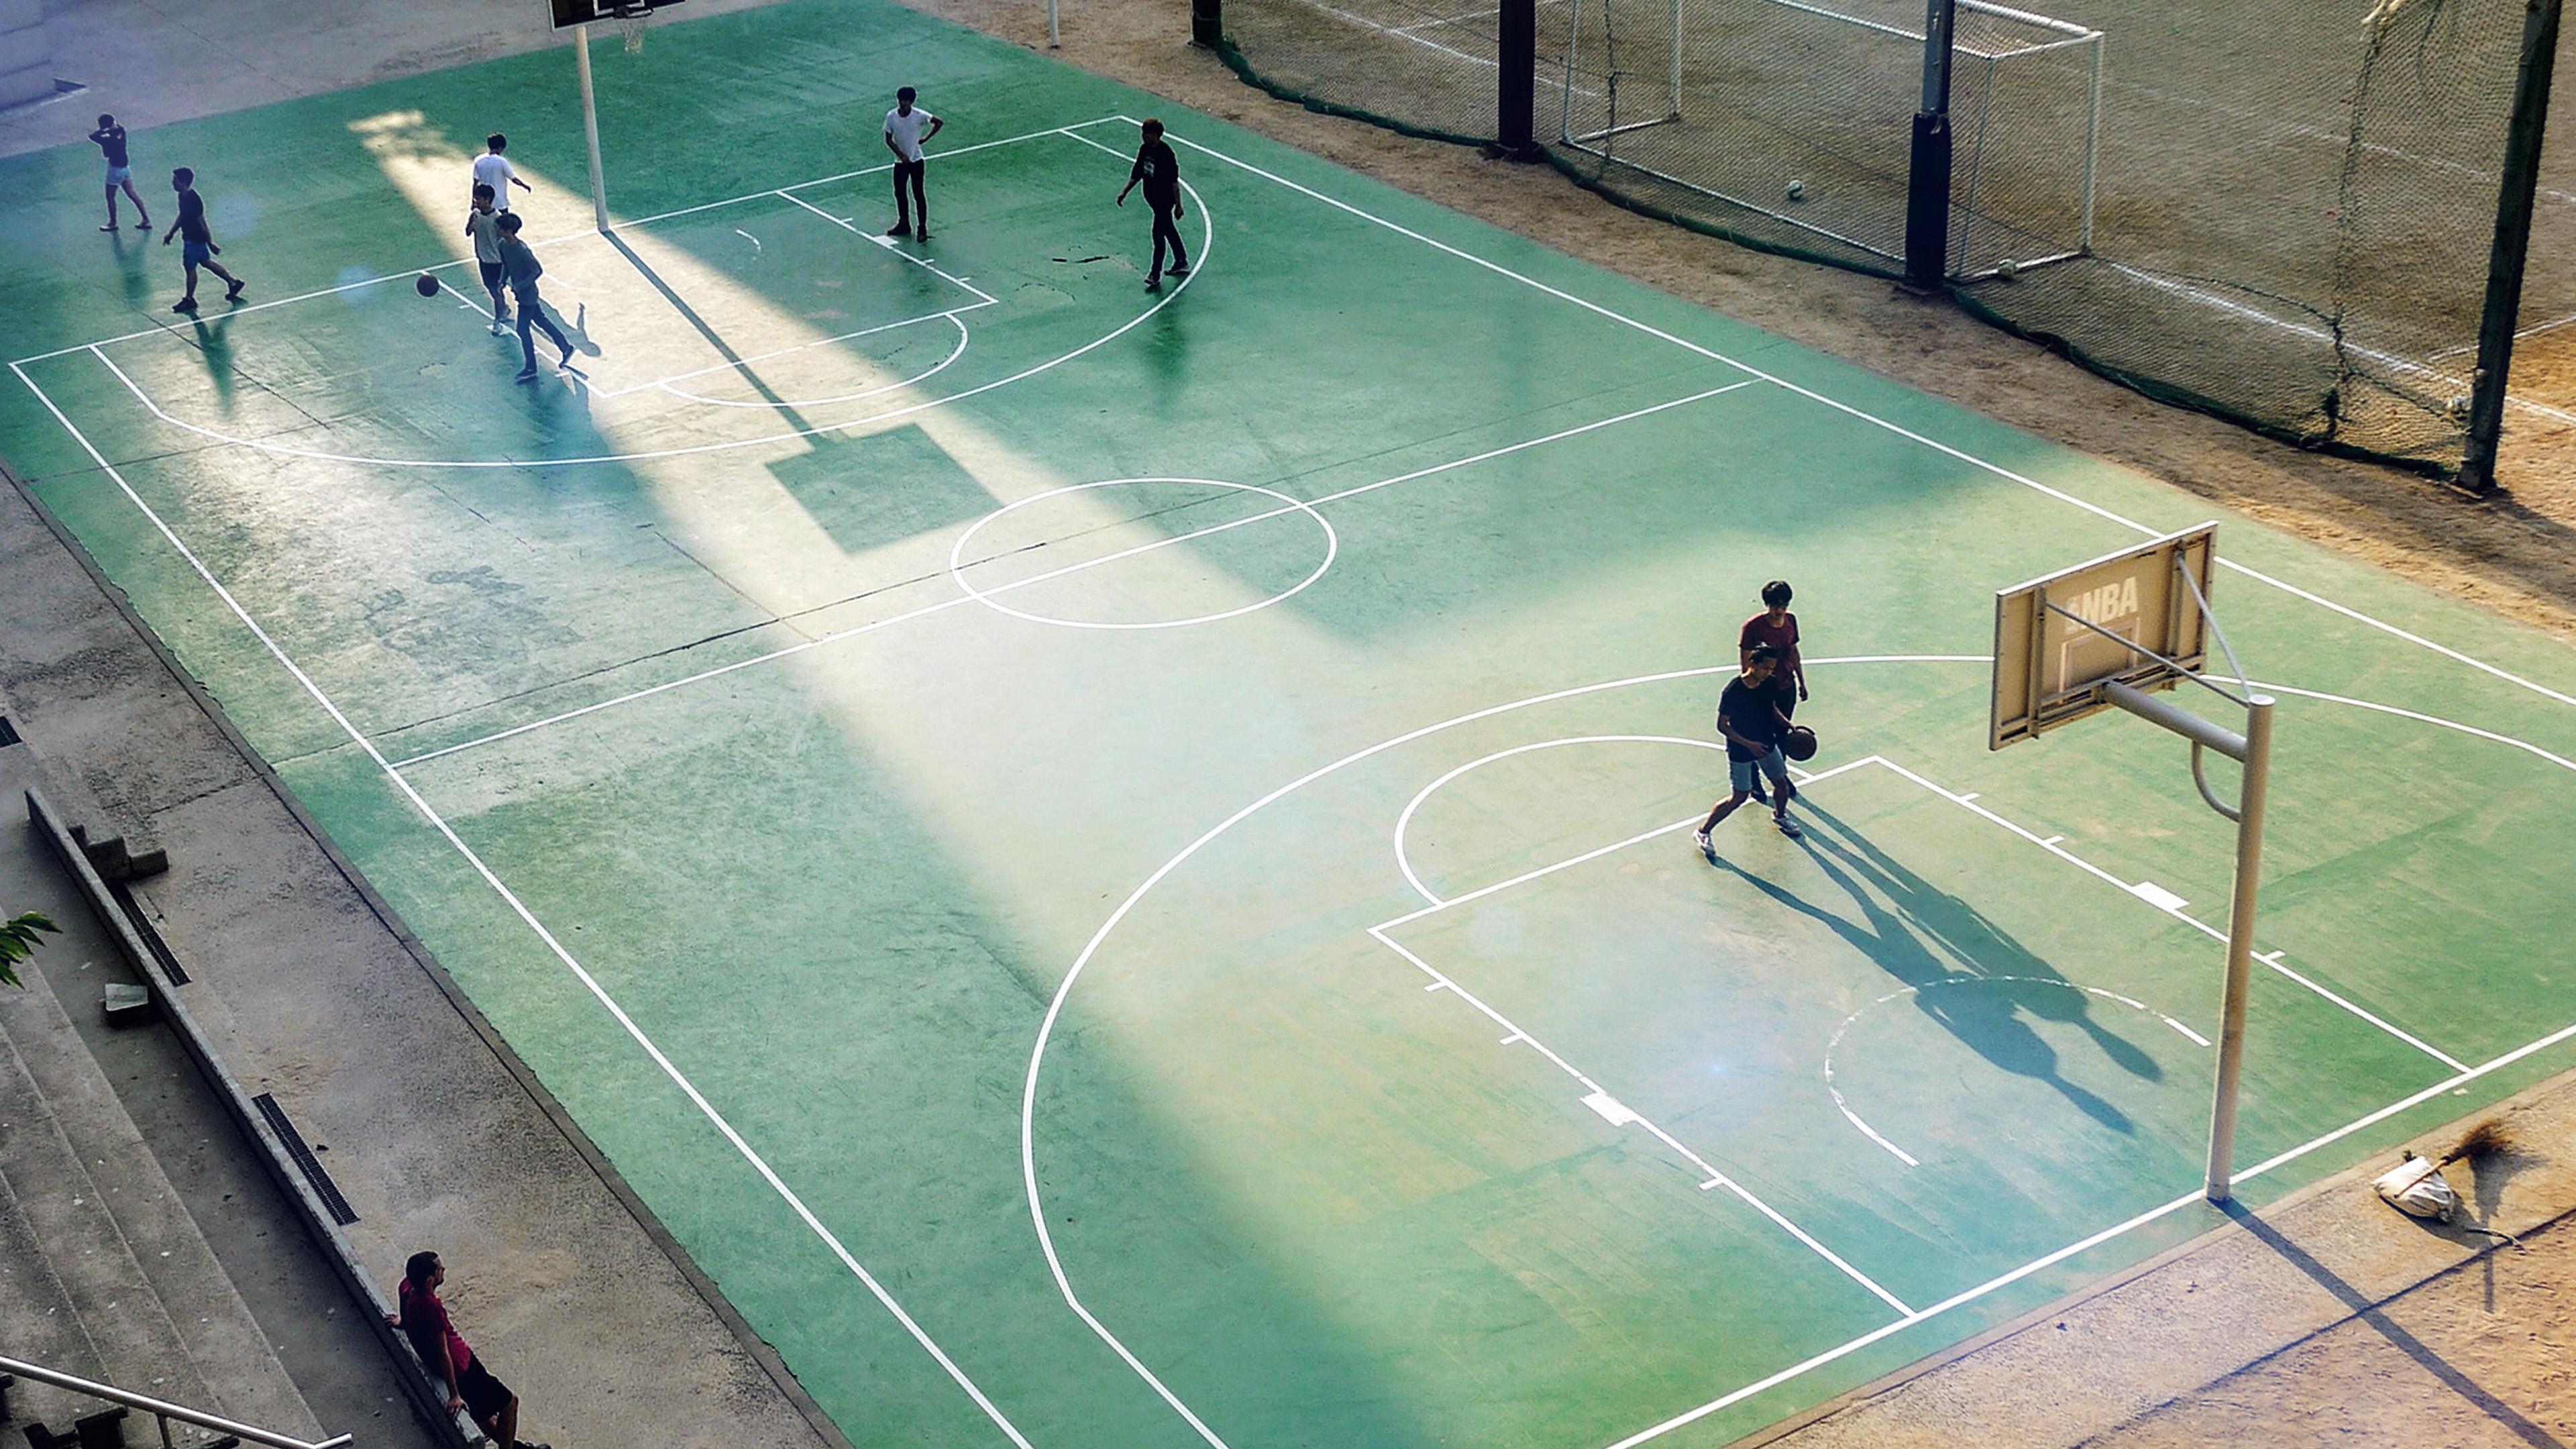 Ng13 Basketball Green City Sports Art Nba Flare Wallpaper